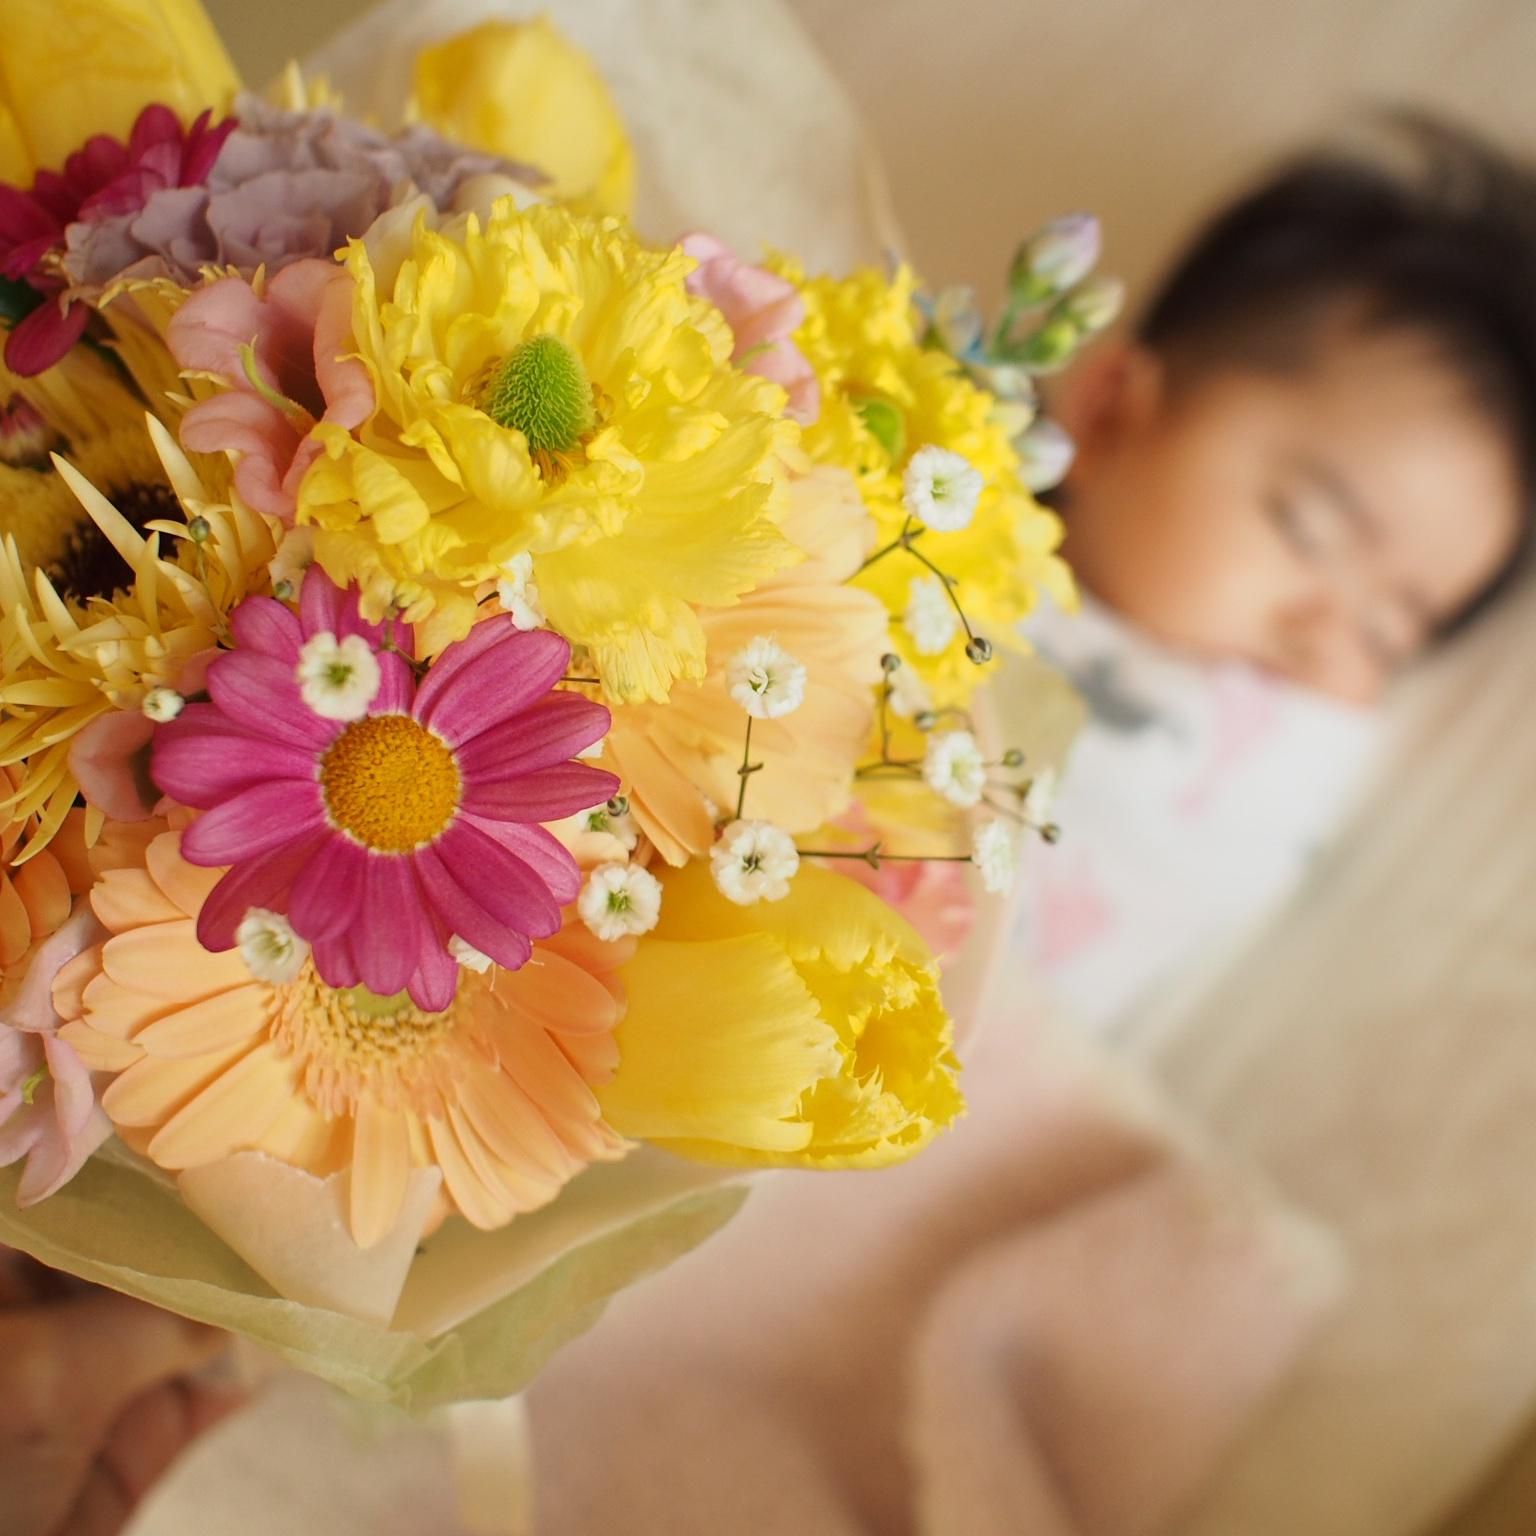 ご友人からのプレゼントの花と、赤ちゃんへの色々な色のミニブーケ_a0042928_11472877.jpg